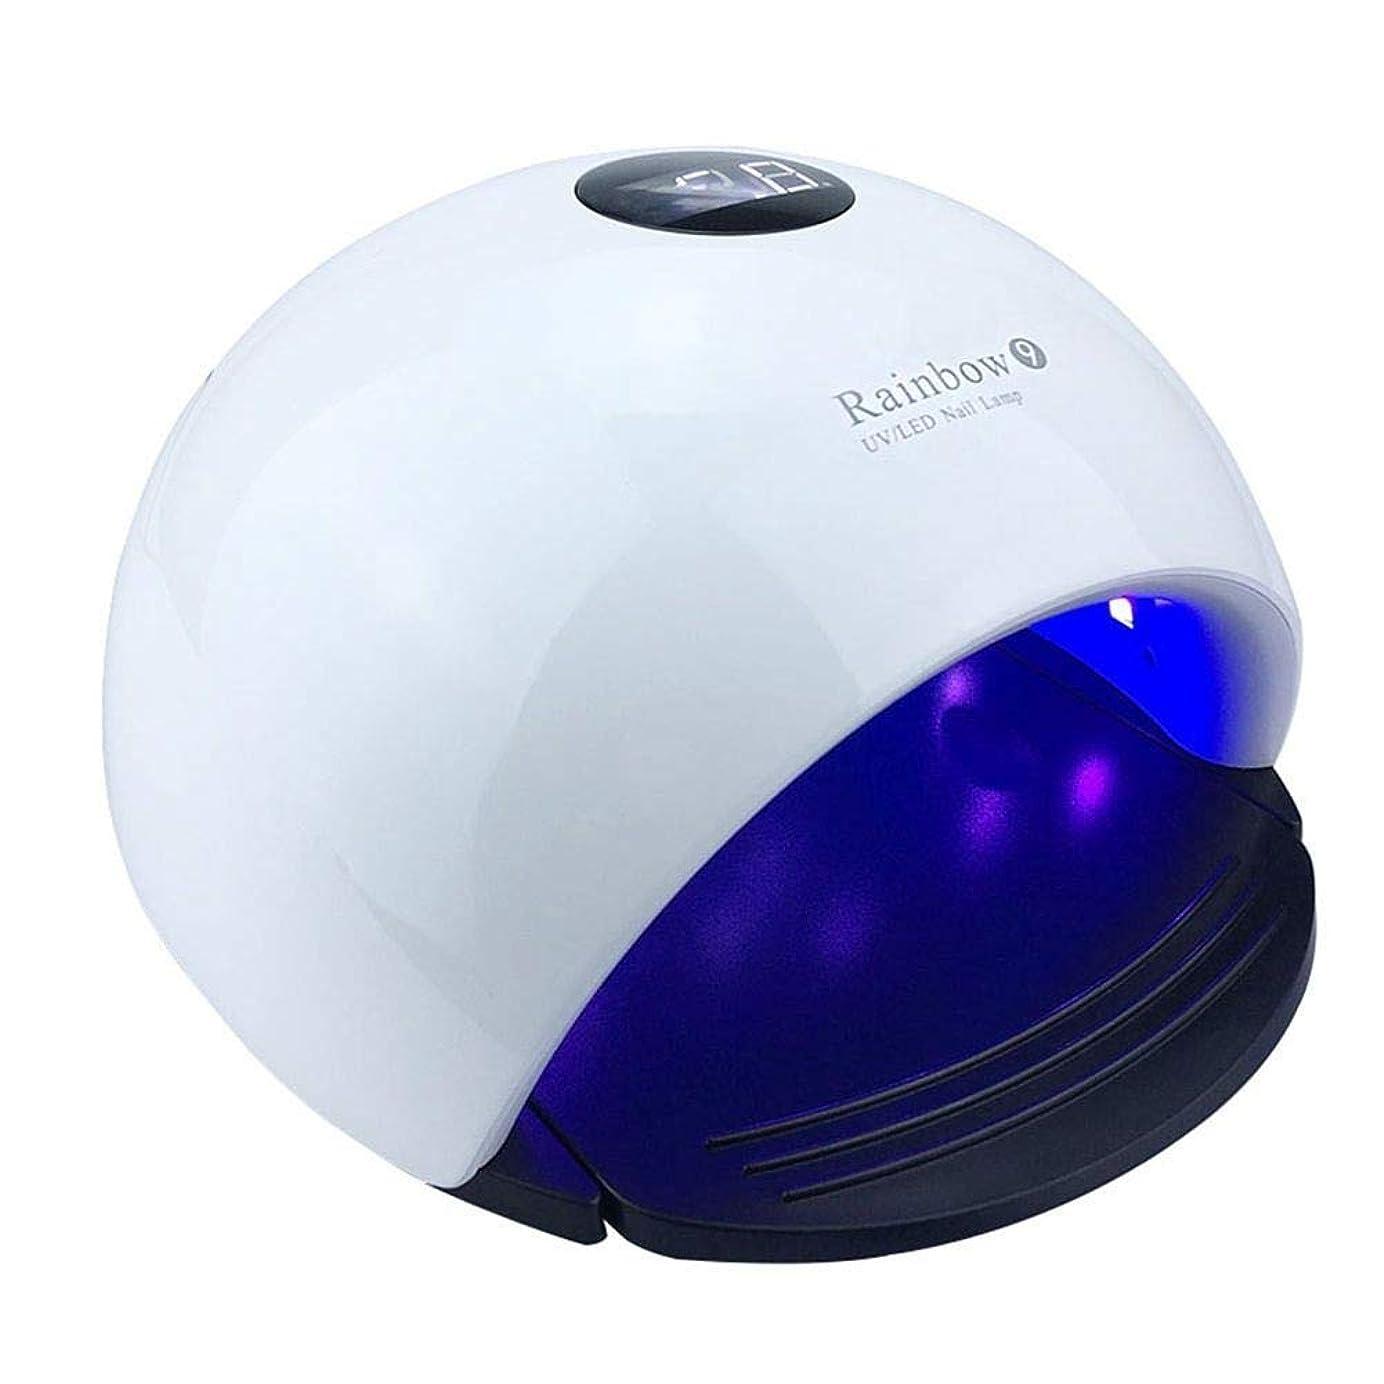 同意舌ジュニアネイルドライヤーRainbow 9 UV Light 48Wネイルドライヤー24個入りLEDランプネイル用UV LEDネイルランプジェルネイル用硬化ポリッシュマニキュアツール、写真の色